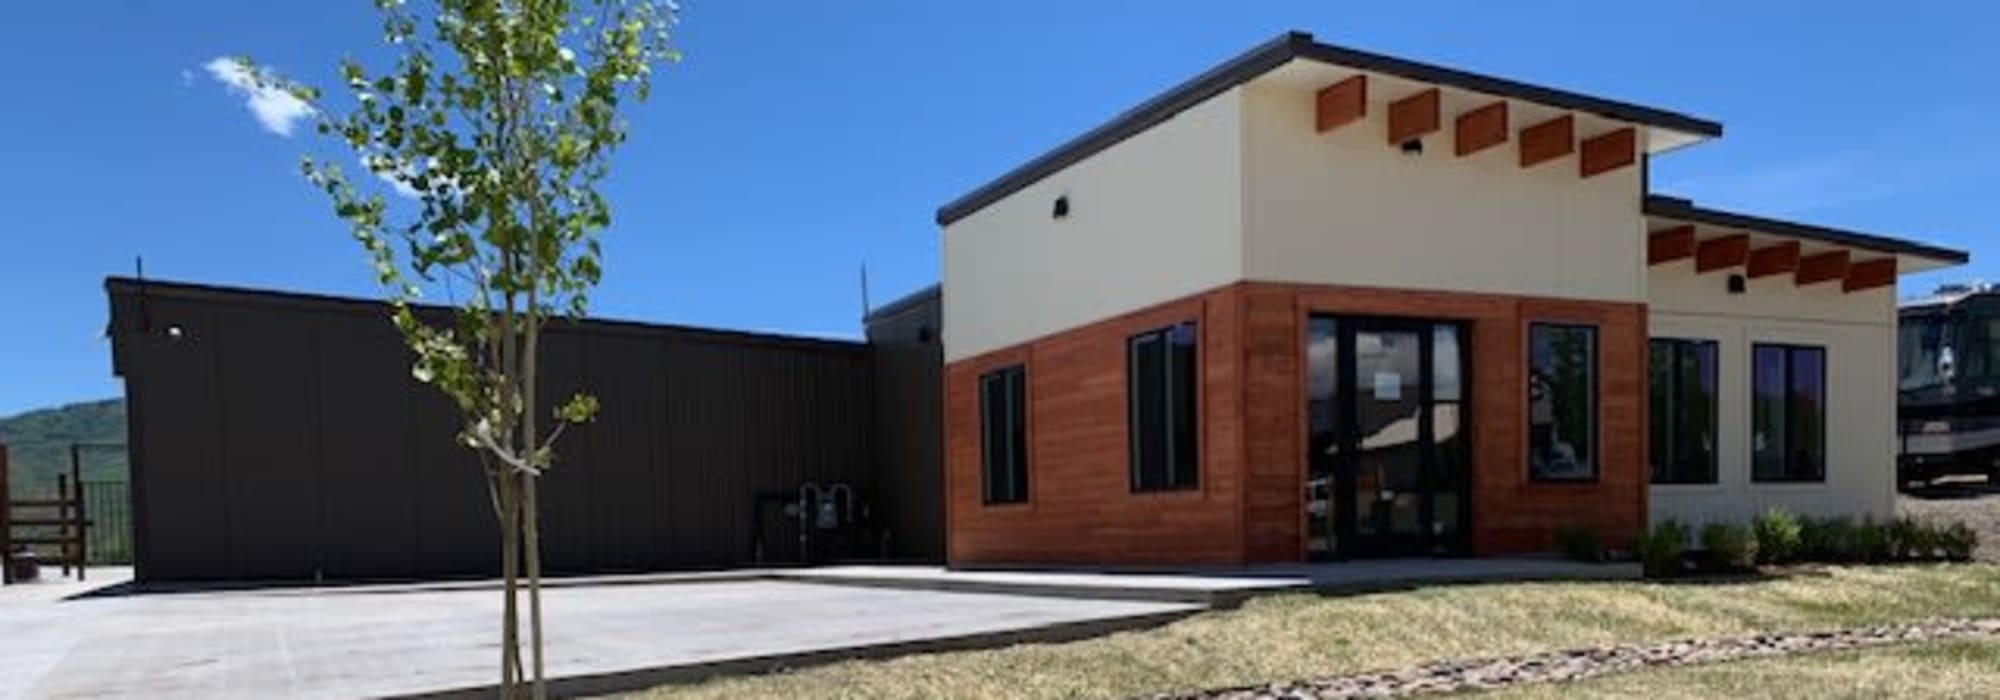 Stop-N-Go Storage in Steamboat Springs, Colorado